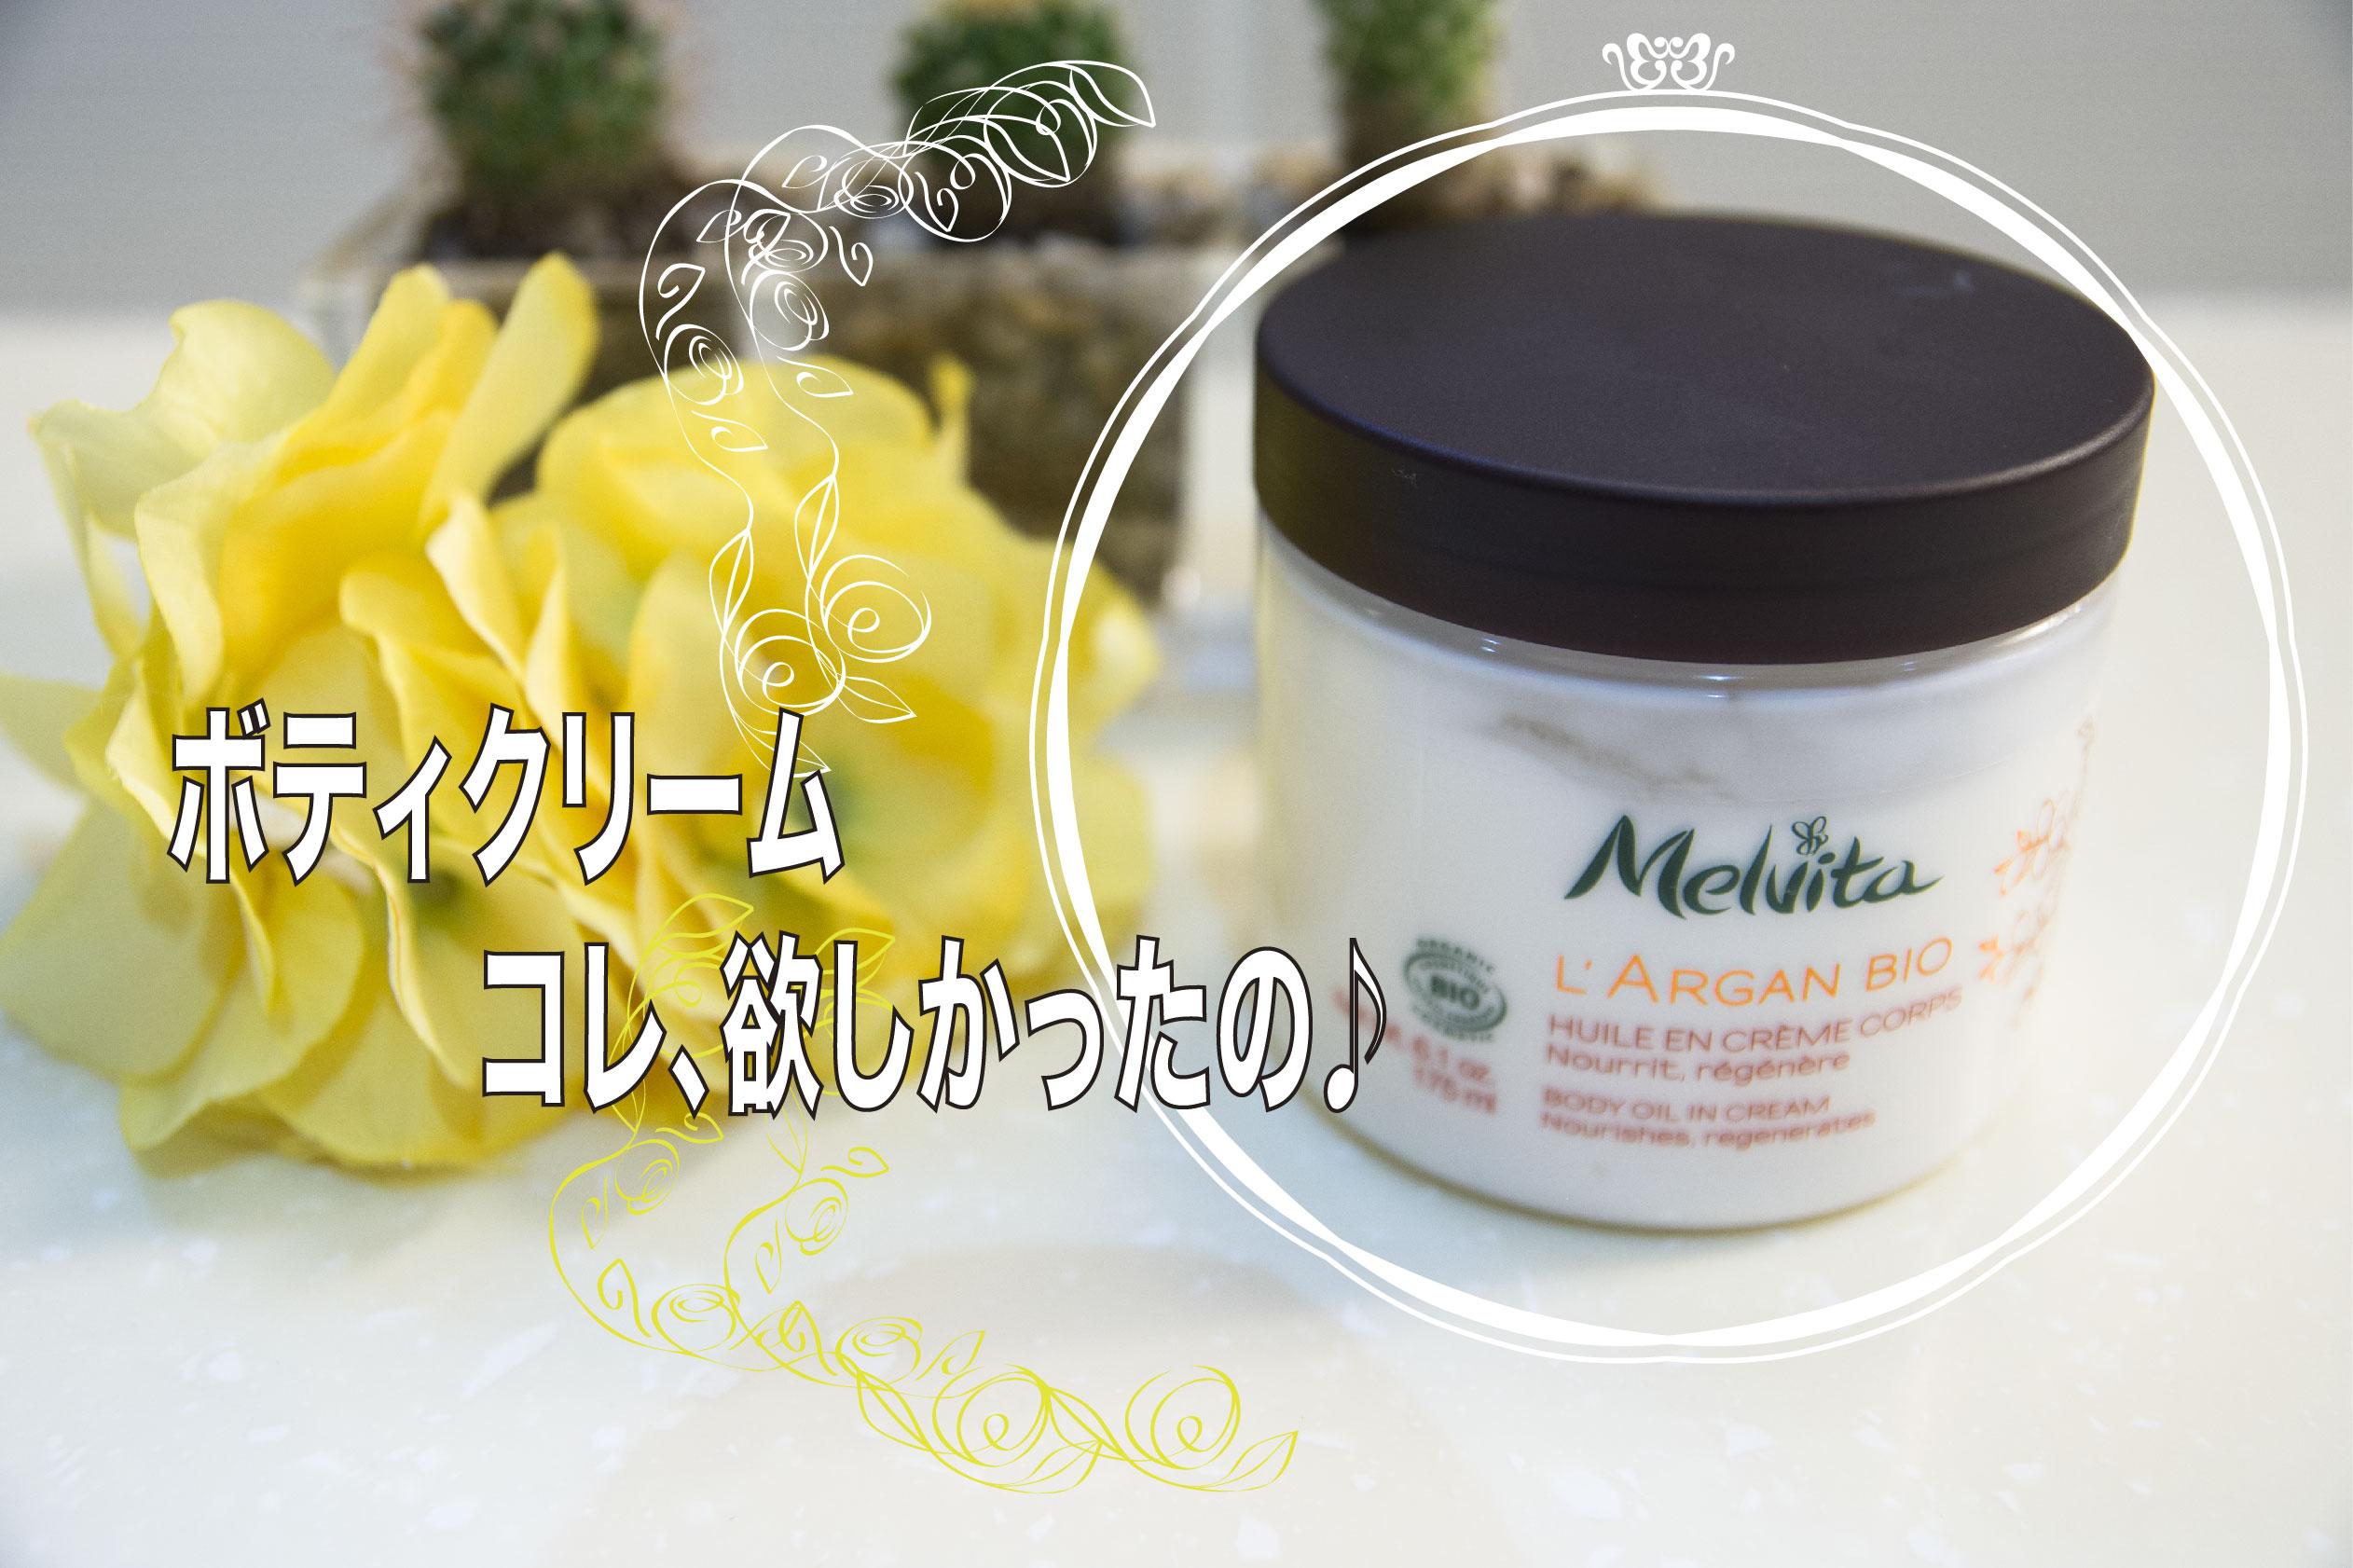 【レビュー】メルヴィータボティクリーム、体の乾燥を守りたいから使ってみた。